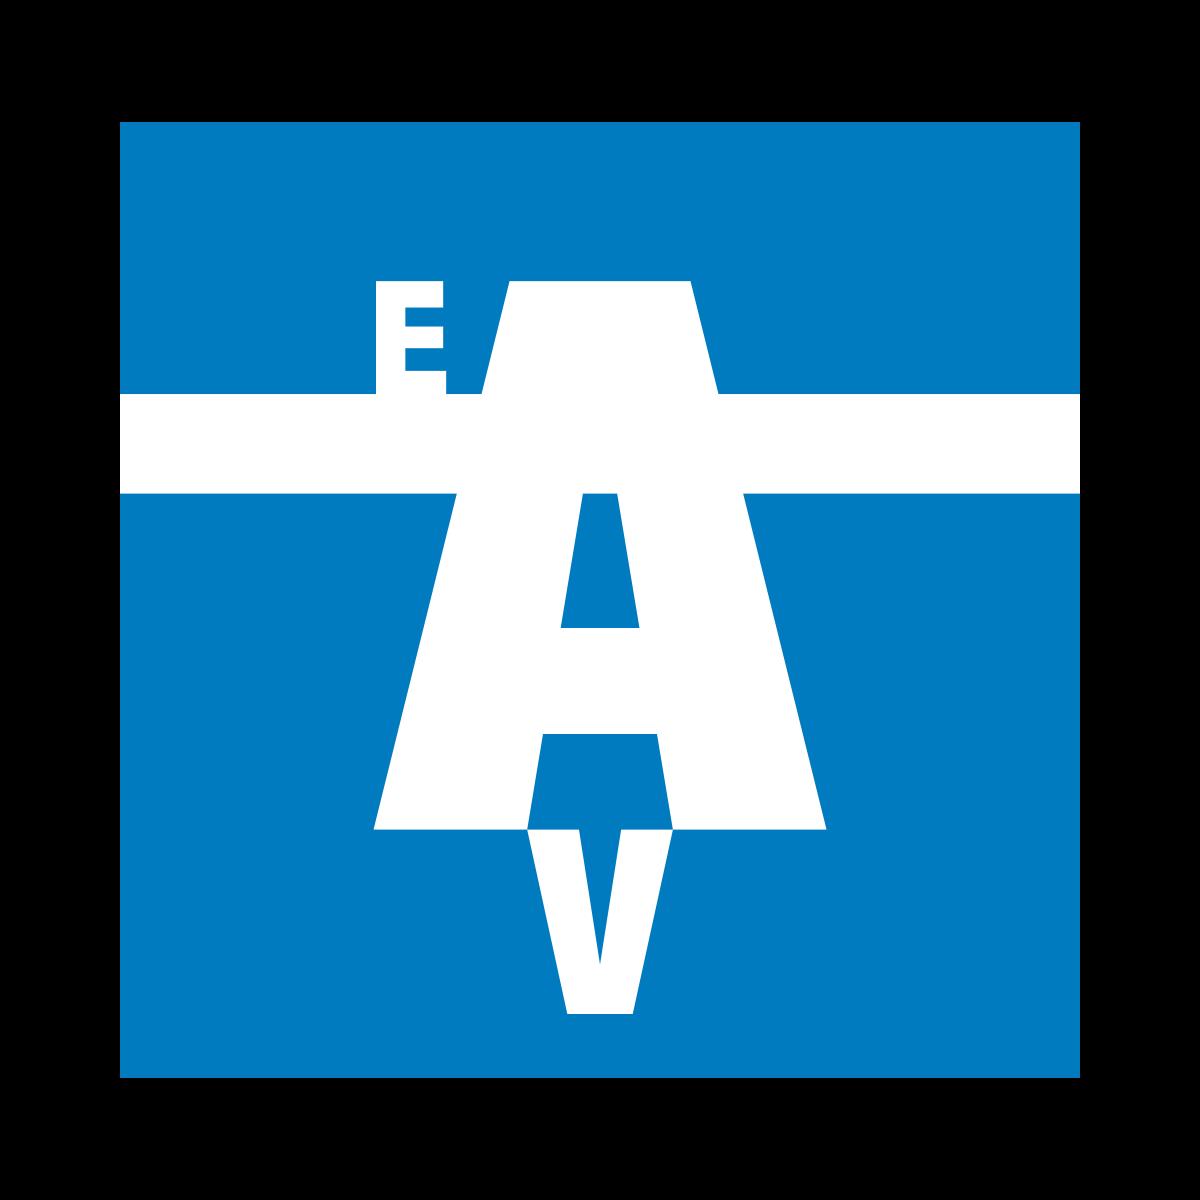 ETSAV, (obriu en una finestra nova)